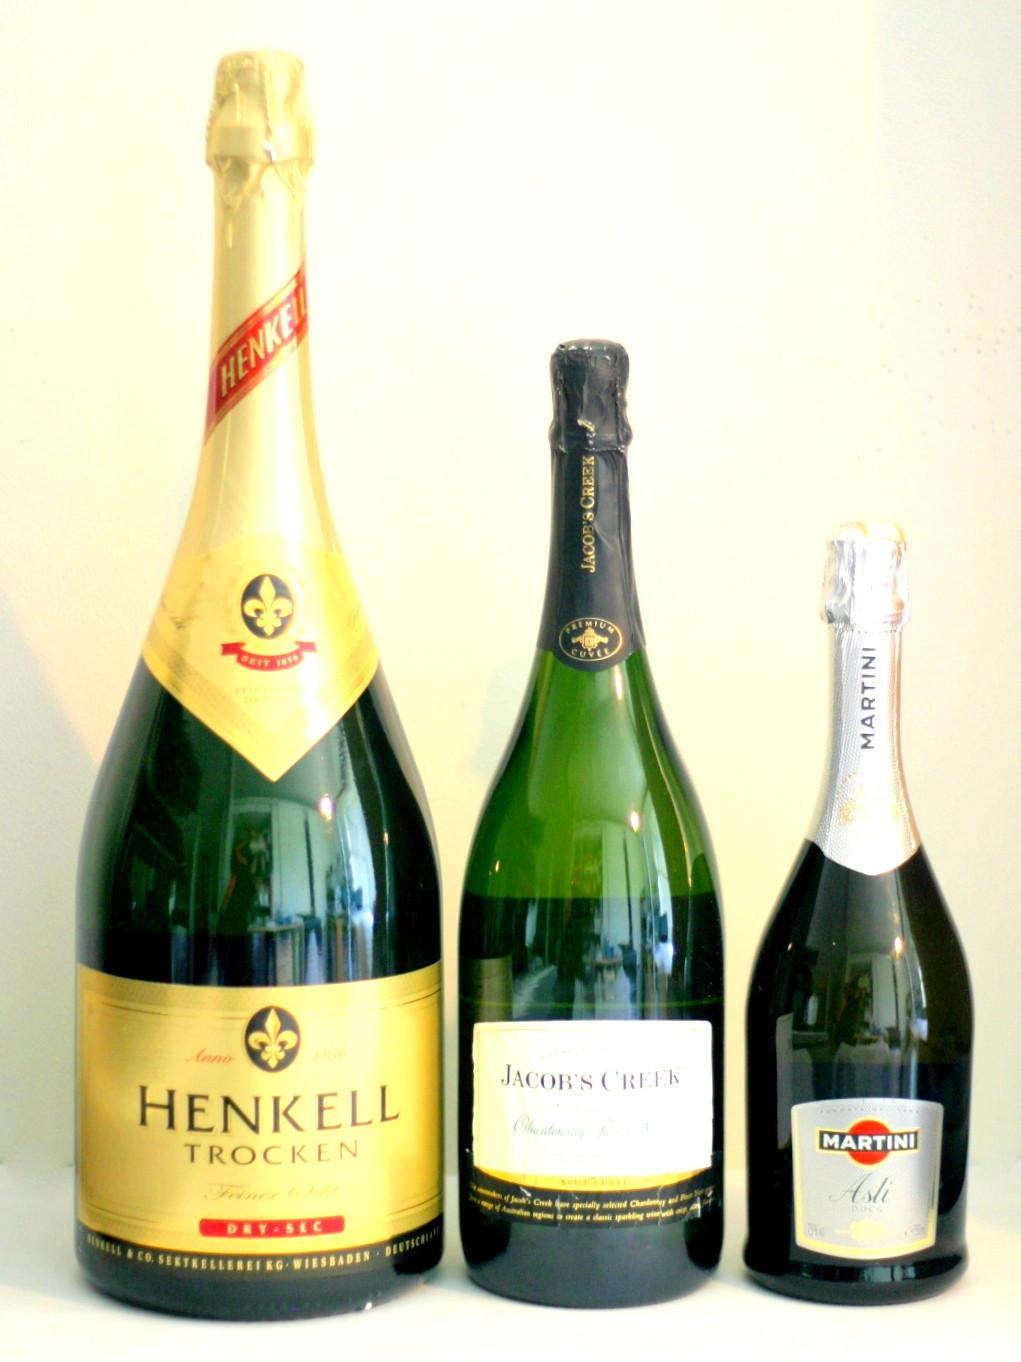 特大マグナムボトルスパークリングワイン名入れ彫刻 7-Colors鶴岡ガラスアート工房 結婚祝い 誕生日プレゼント 開店お祝い